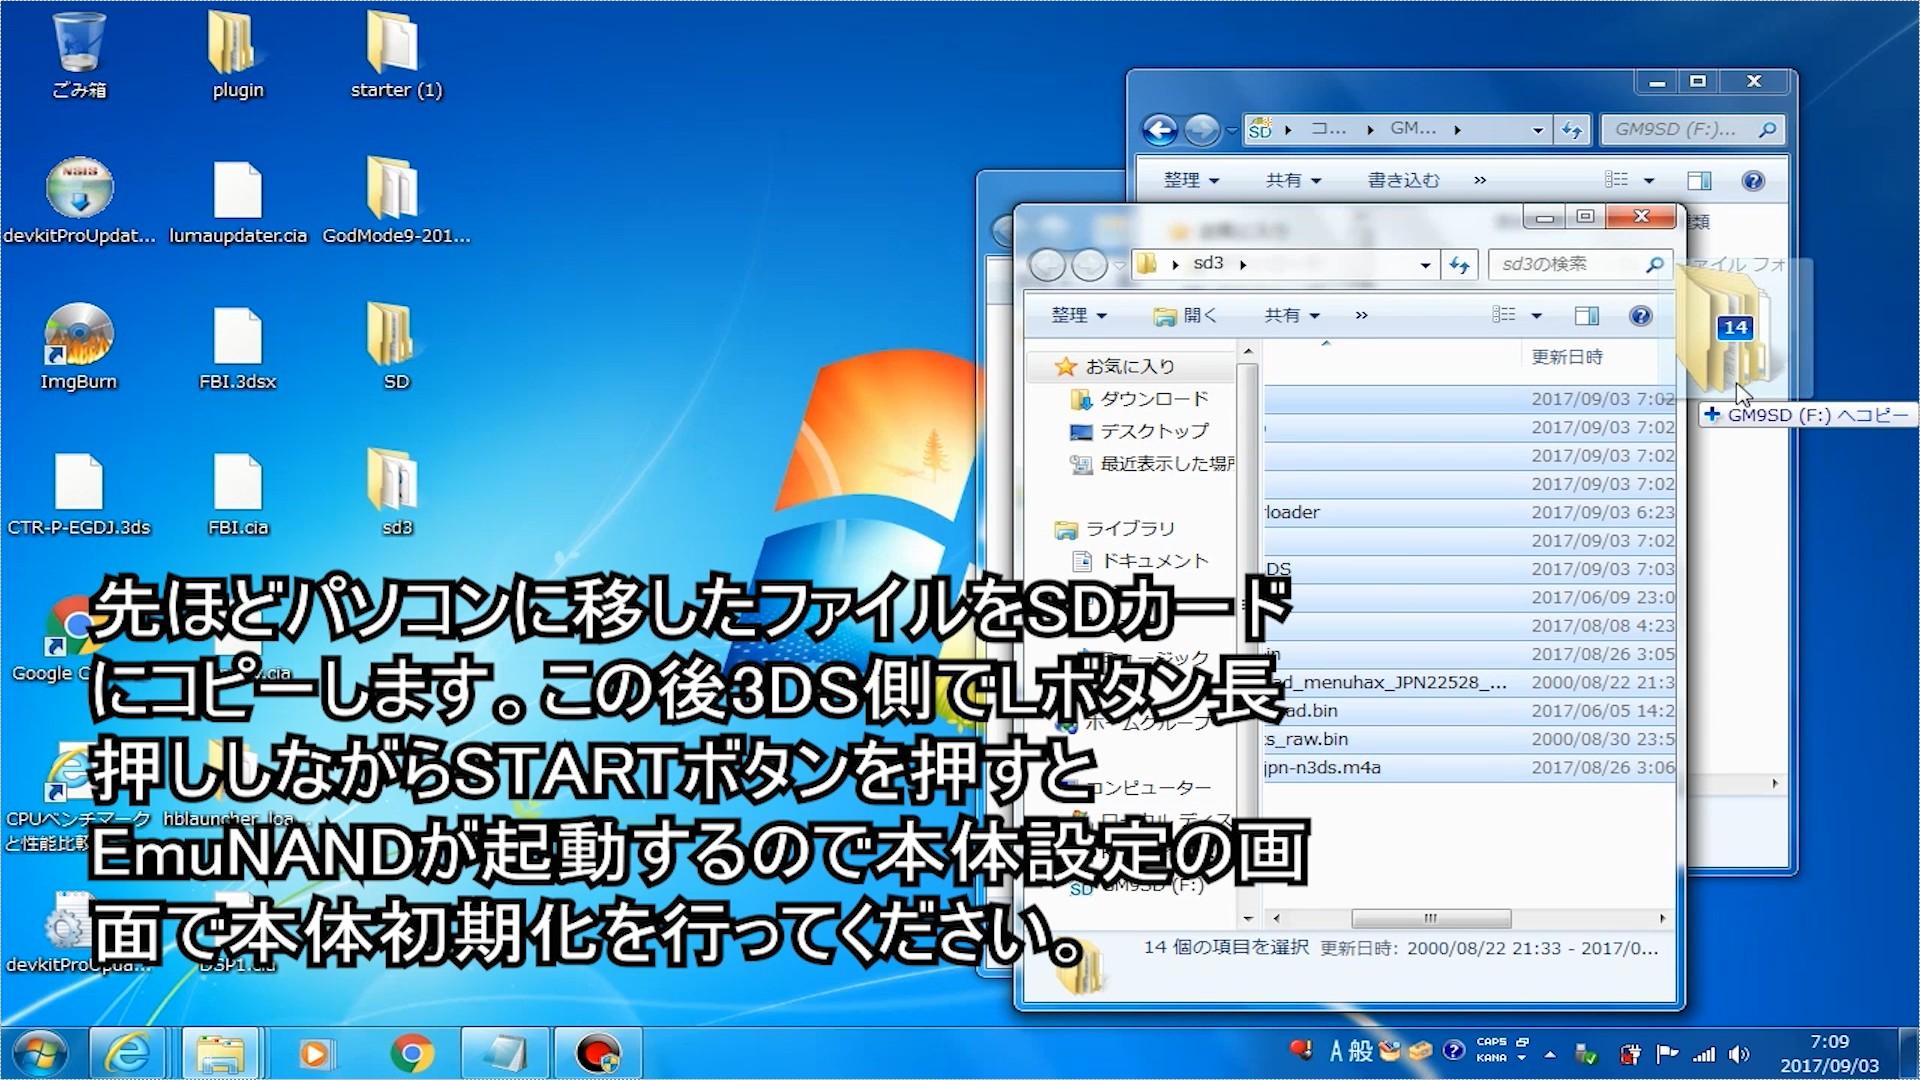 f:id:icn-network:20170926125636j:plain